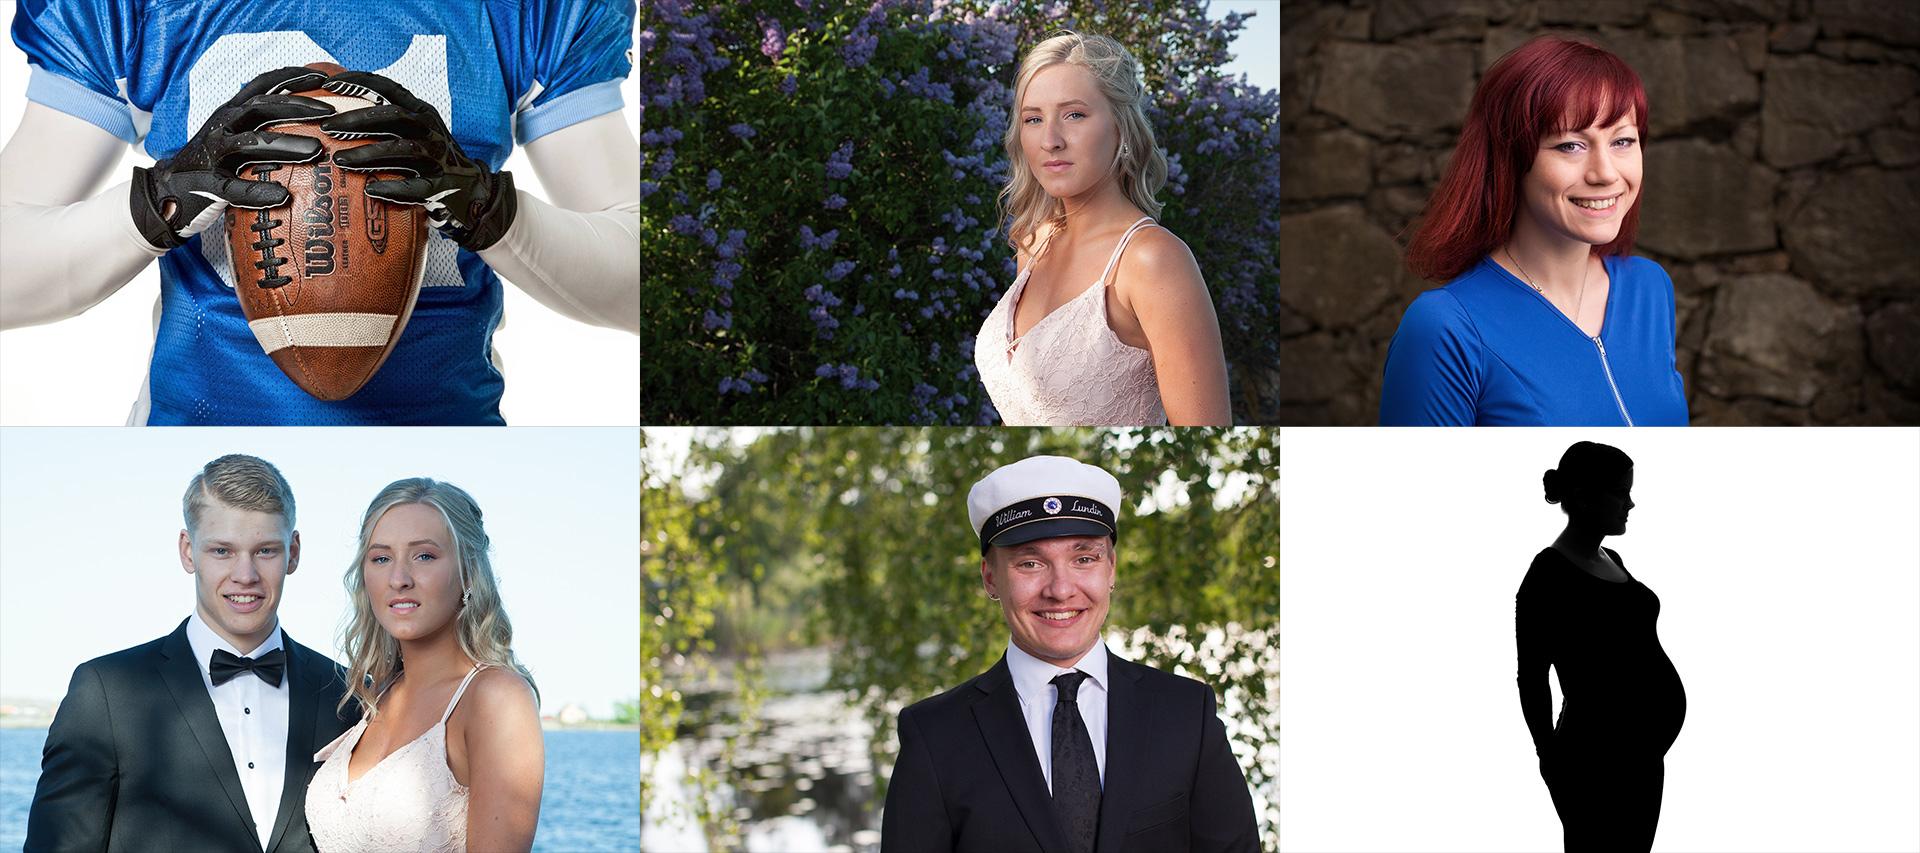 Fotograf Karlskrona - modellfotografering och vuxna